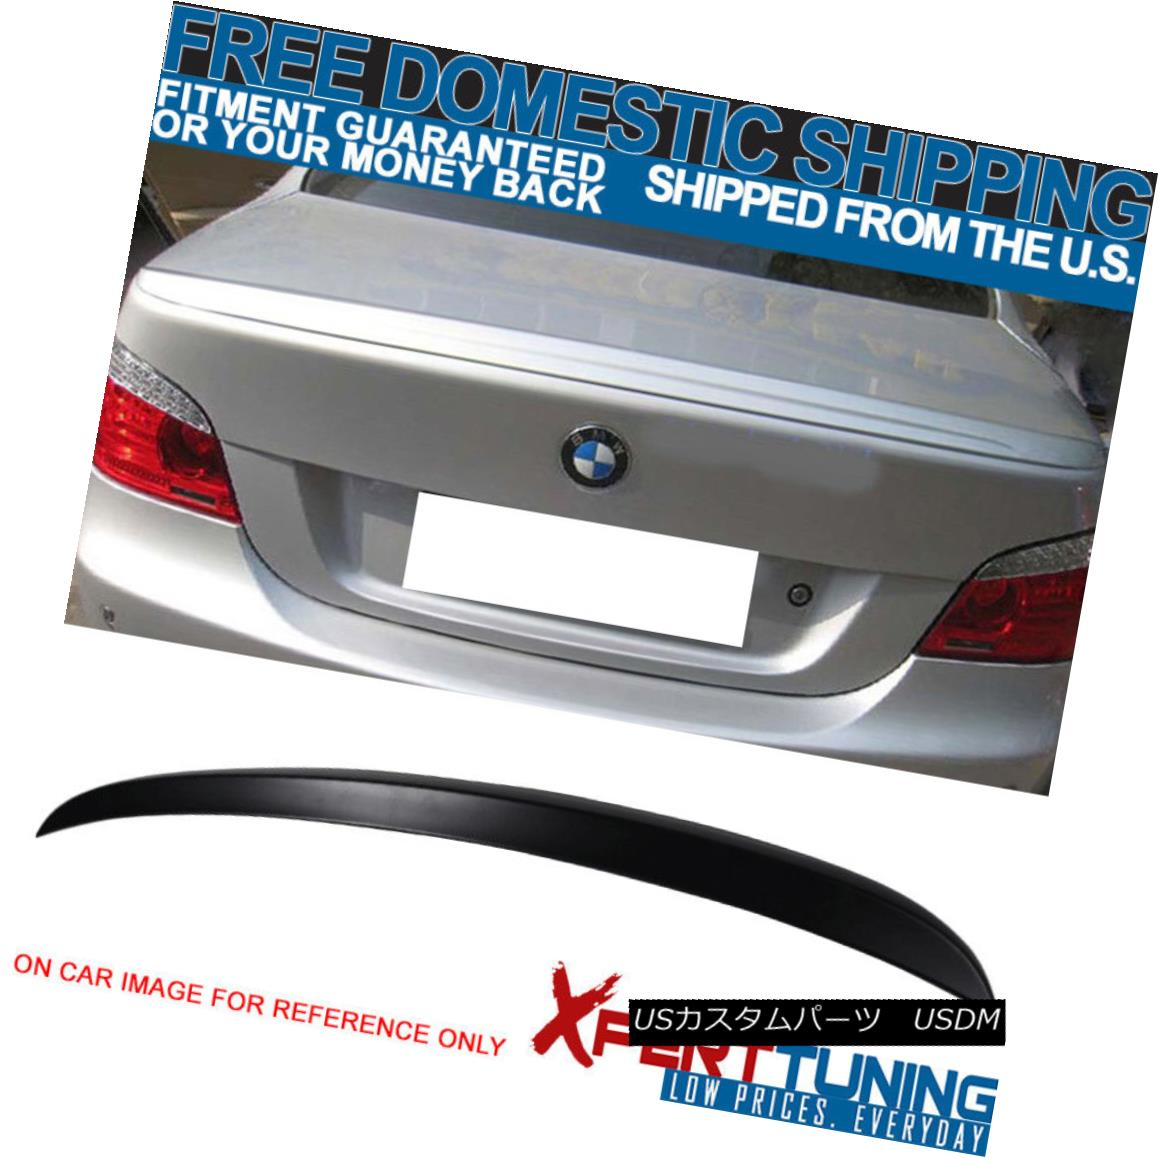 エアロパーツ 04-10 BMW 5 Series E60 4Dr M5 Style Unpainted ABS Trunk Spoiler 04-10 BMW 5シリーズE60 4Dr M5スタイル無塗装ABSトランク・スポイラー